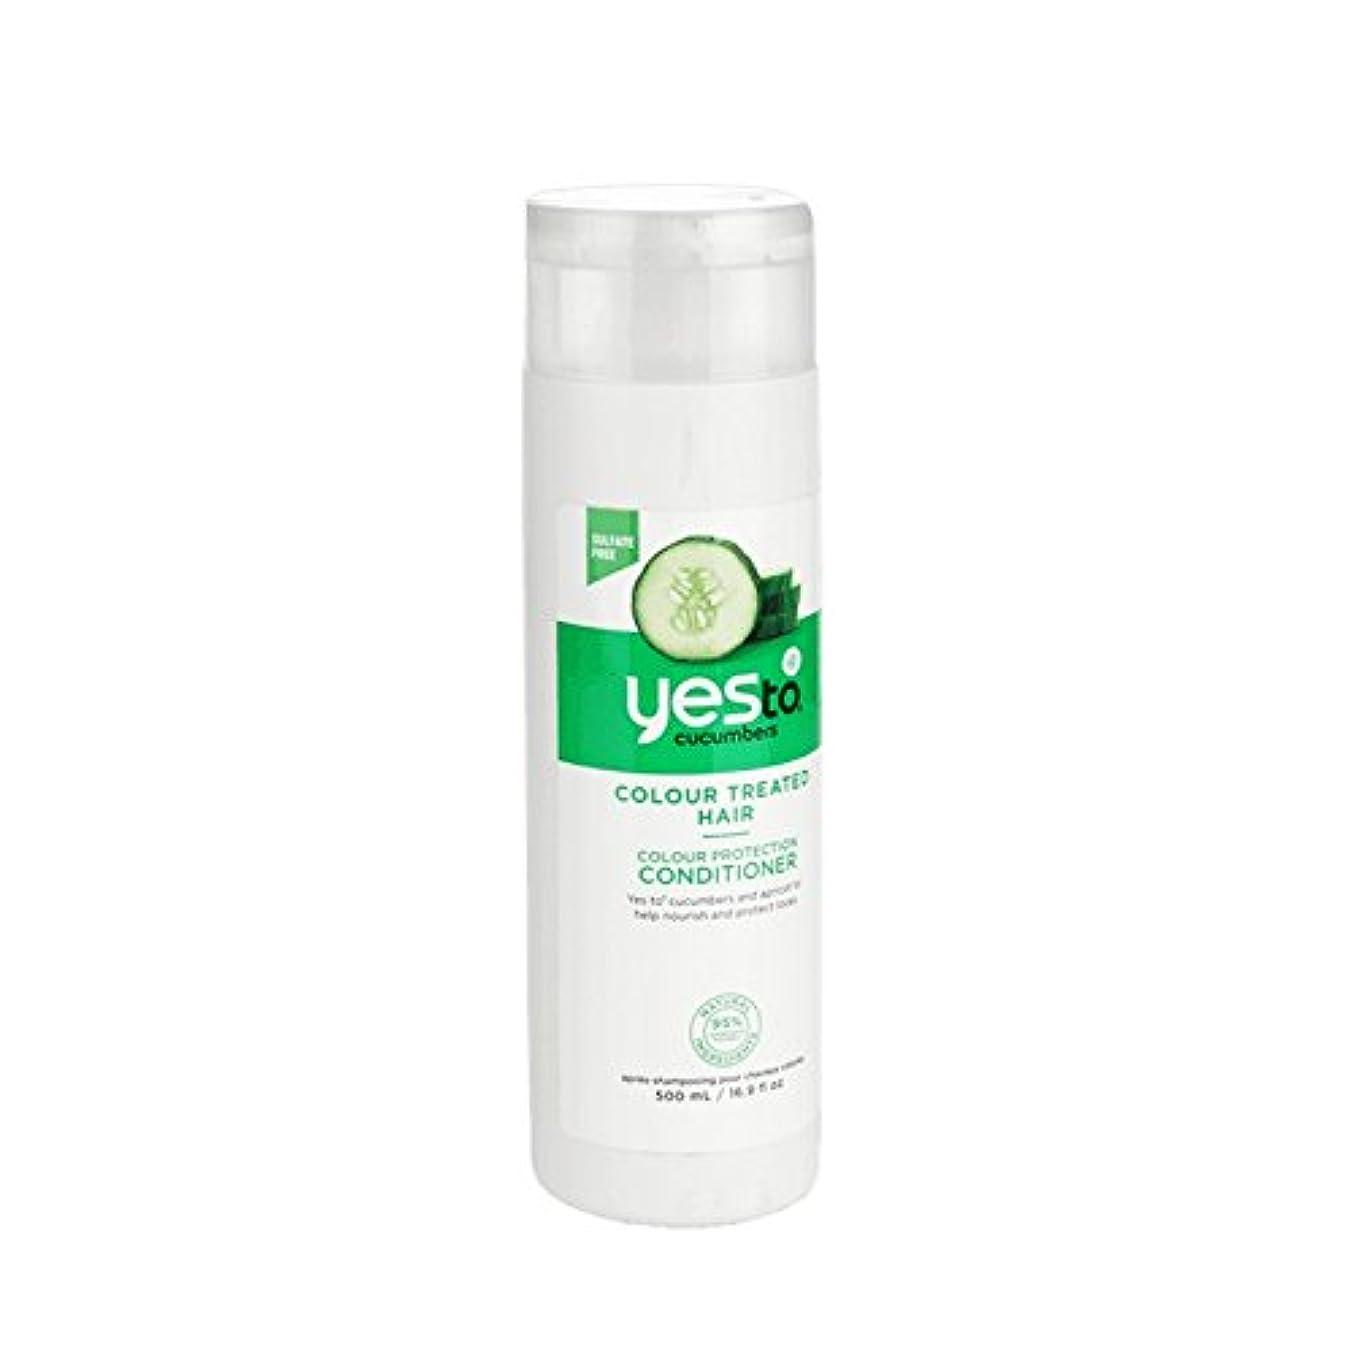 結核壊れた繁栄Yes To Cucumbers Colour Protection Conditioner 500ml (Pack of 2) - はいキュウリの色の保護コンディショナー500ミリリットルへ (x2) [並行輸入品]